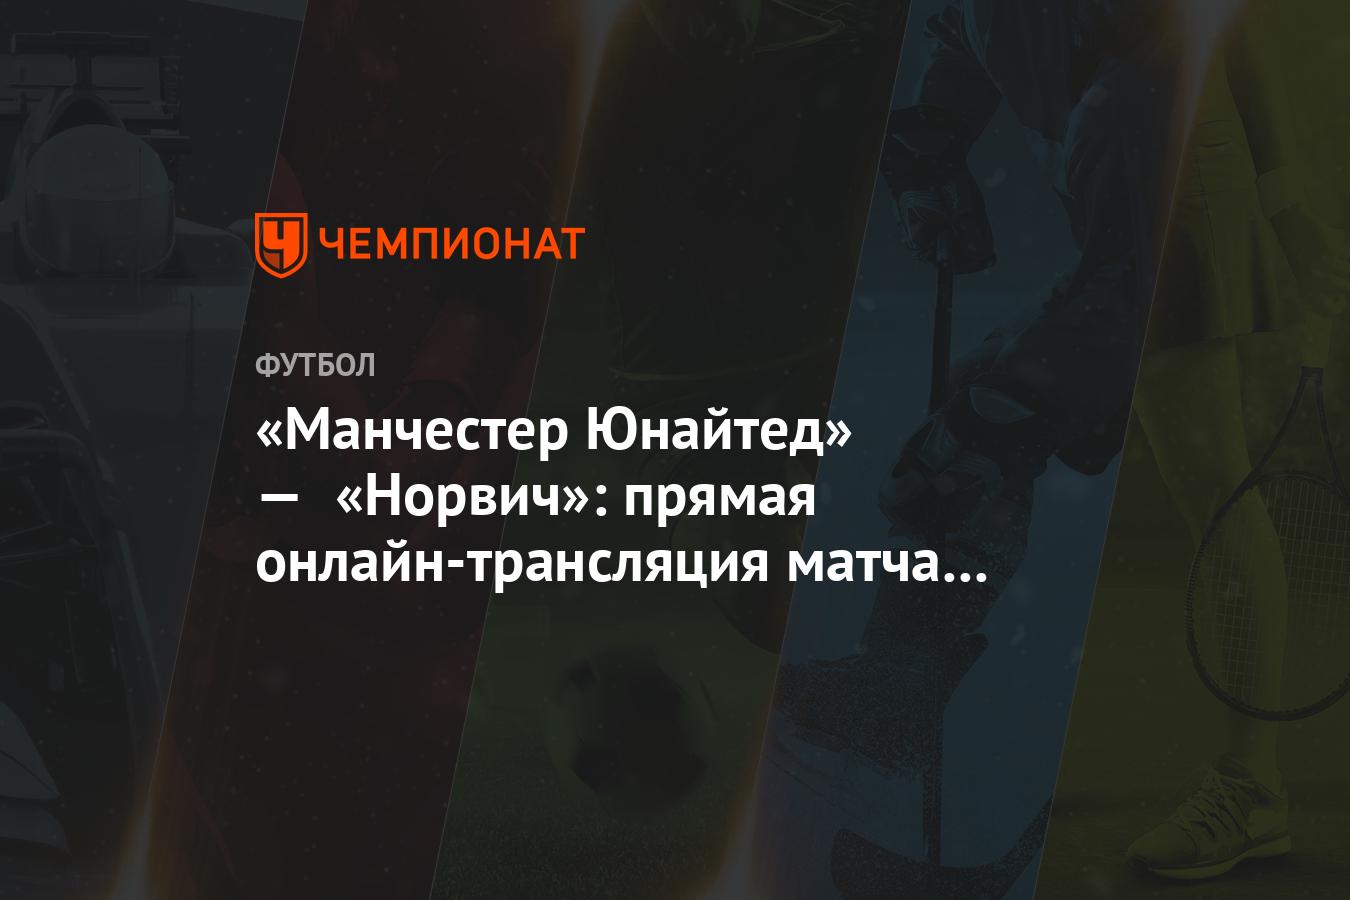 Интернет трансляция матча шальке 04 манчестер юнайтед